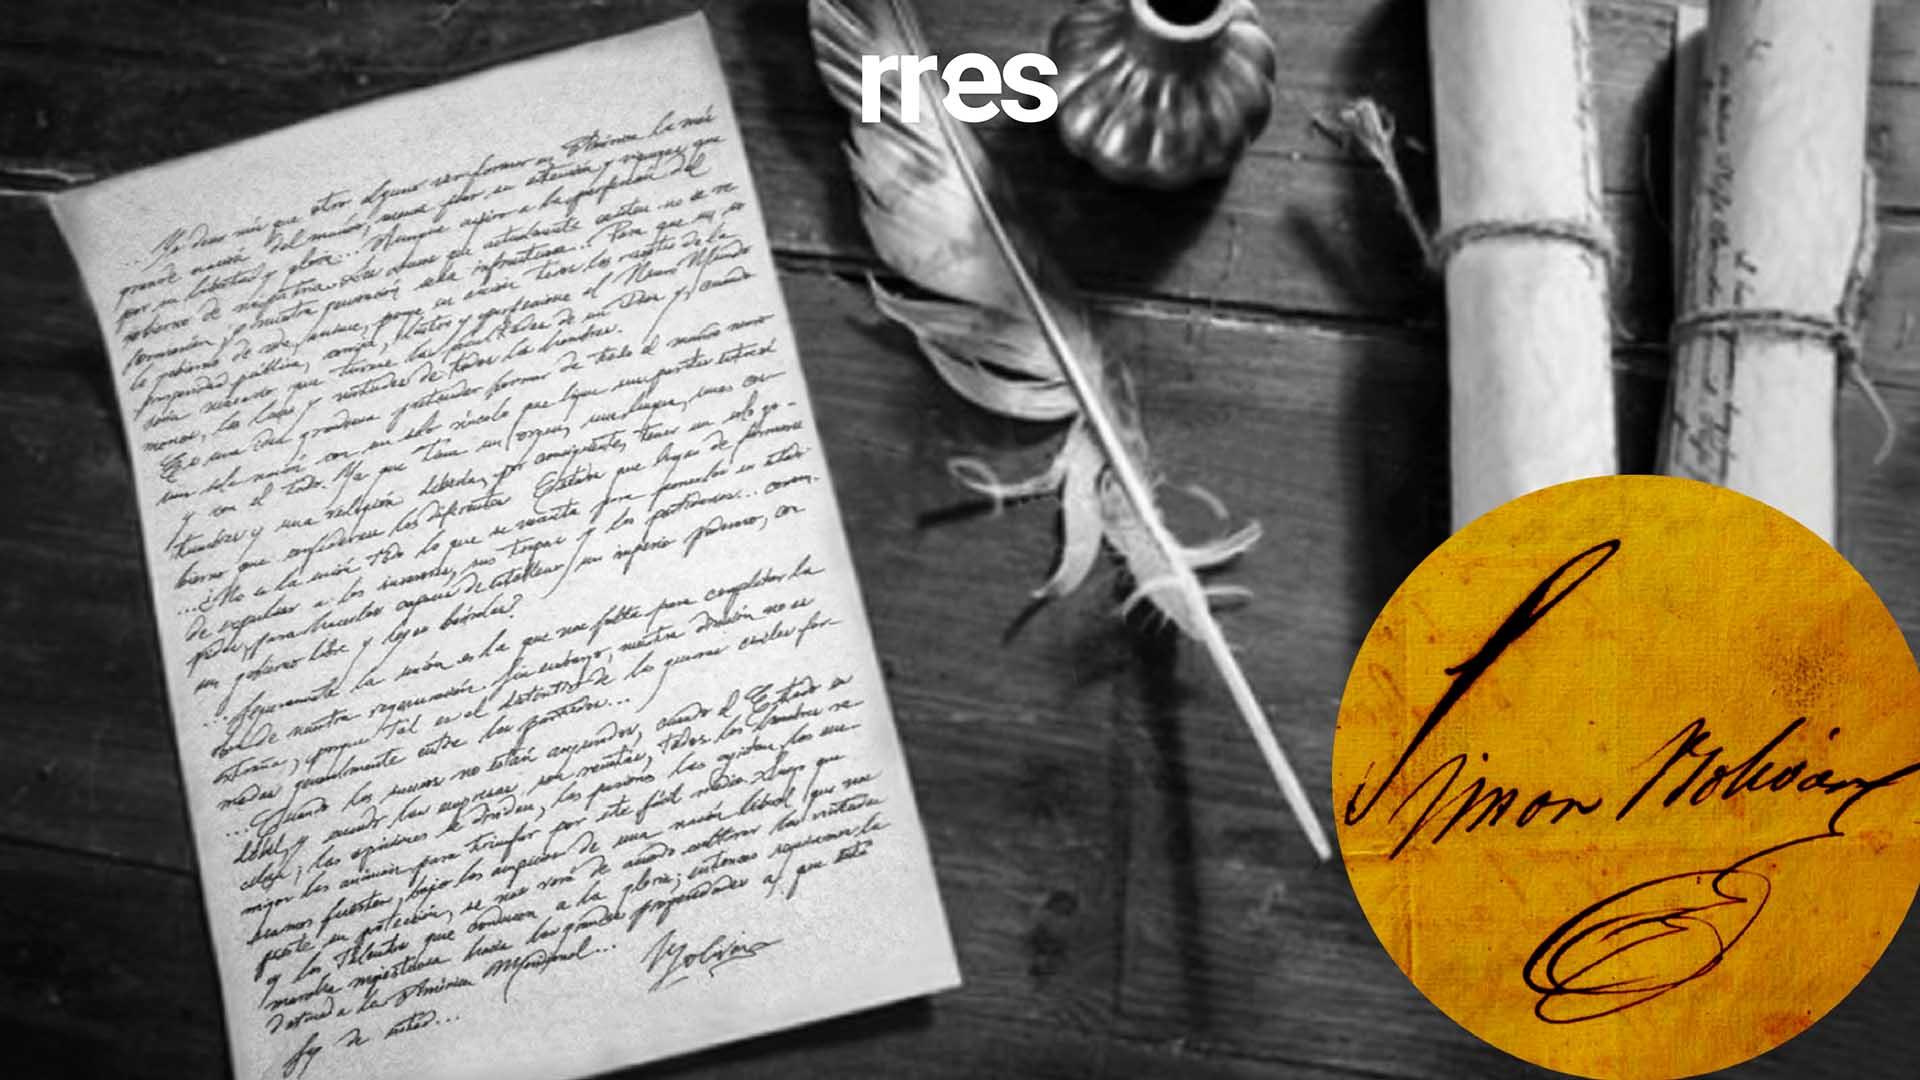 #10DocumentosBolivarianos   La Carta de Jamaica, o la reivindicación de la aristocracia americana, por Elías Pino Iturrieta